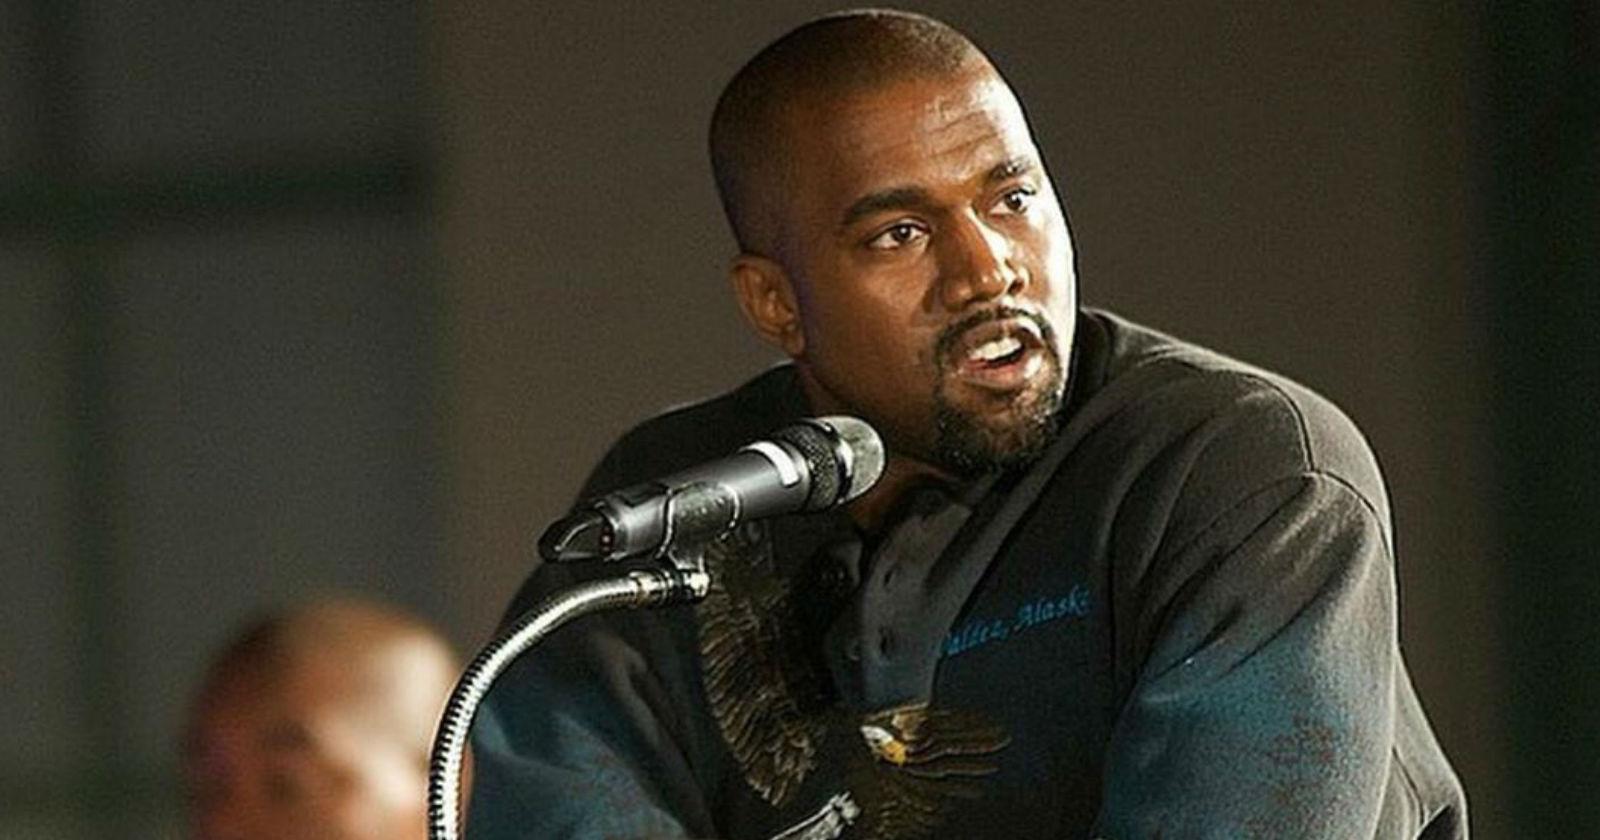 Problemas familiares y posibles firmas falsas: se complica la candidatura presidencial de Kanye West